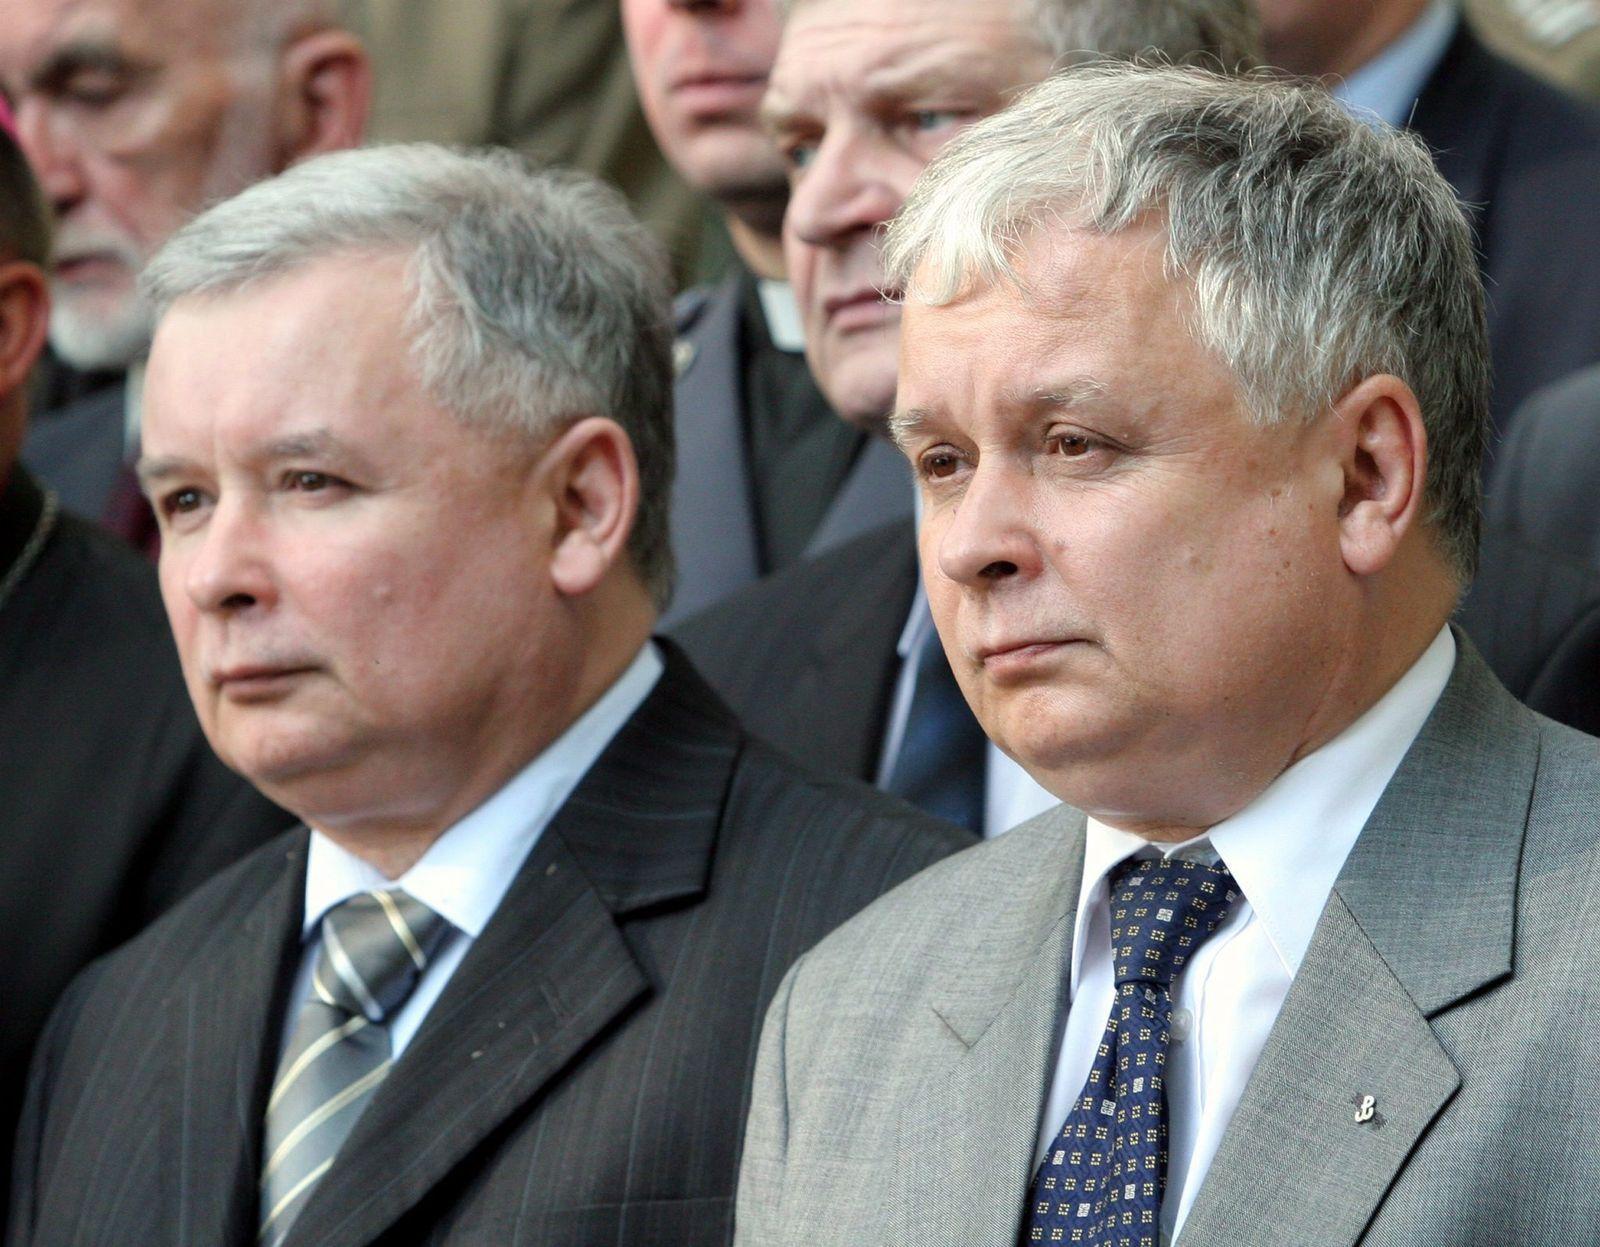 Lech Kaczynski/ Jaroslaw Kaczynski